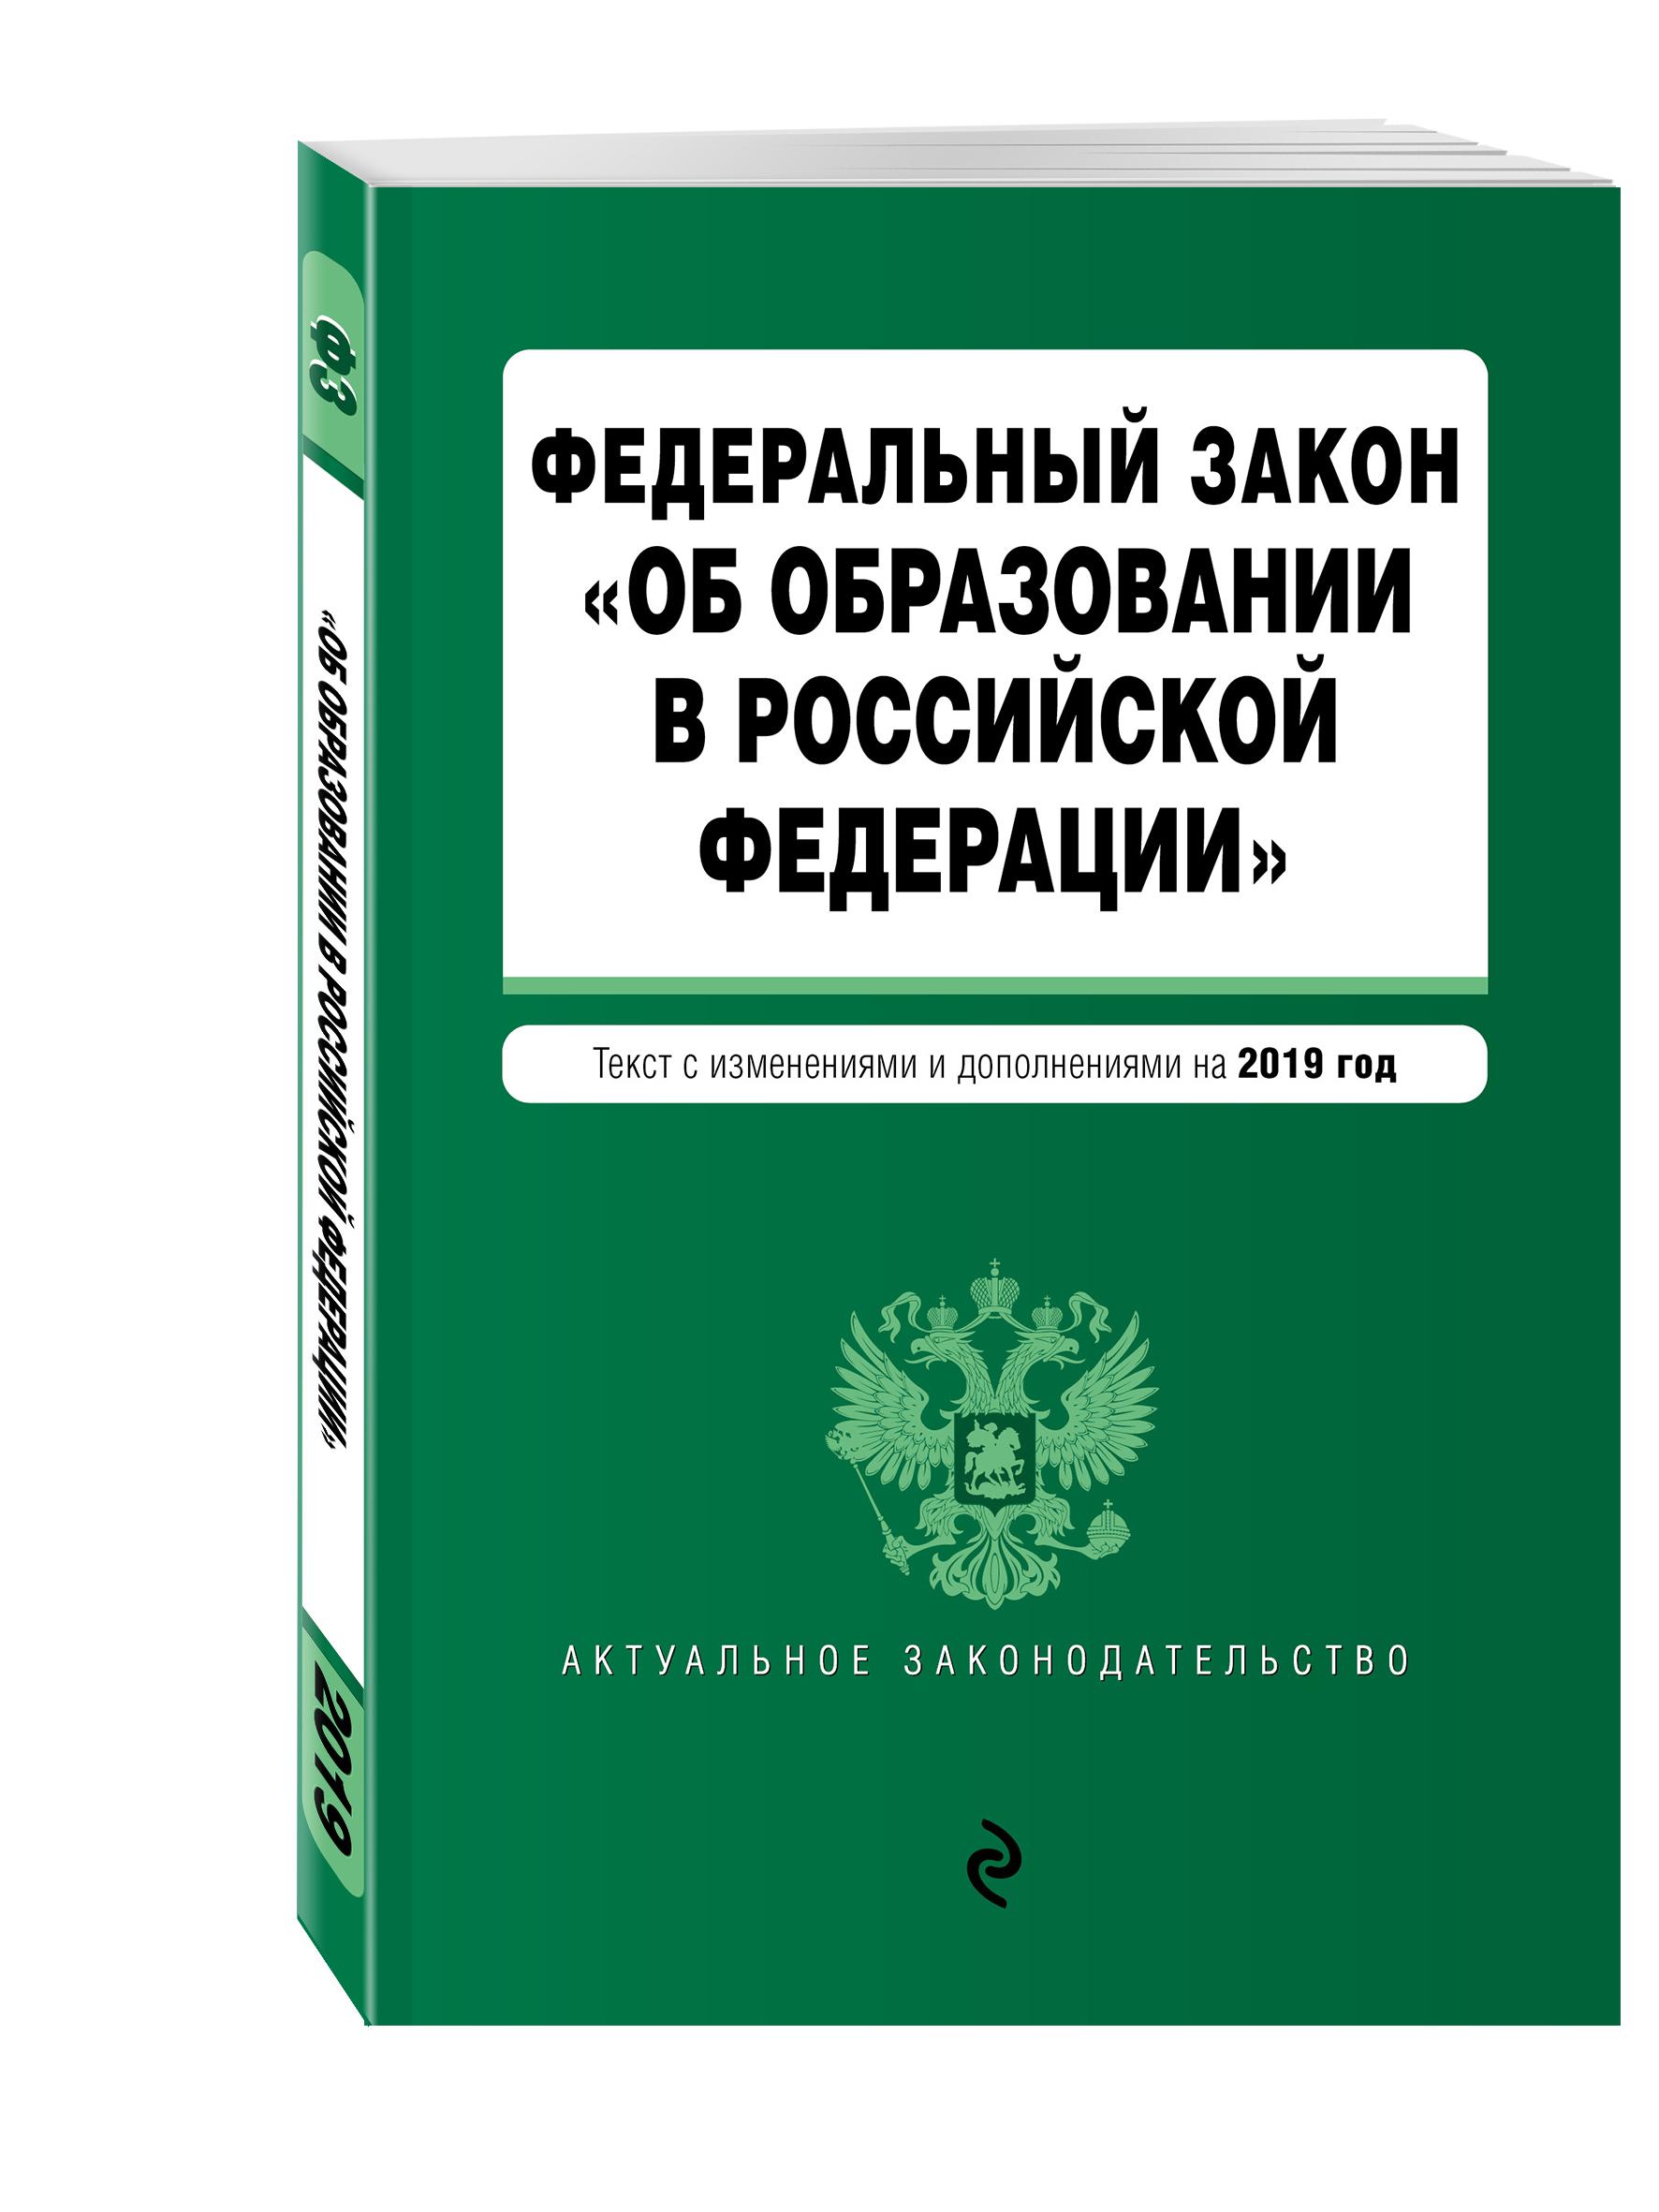 Федеральный закон Об образовании в Российской Федерации. Текст с изм. доп. на 2019 г.